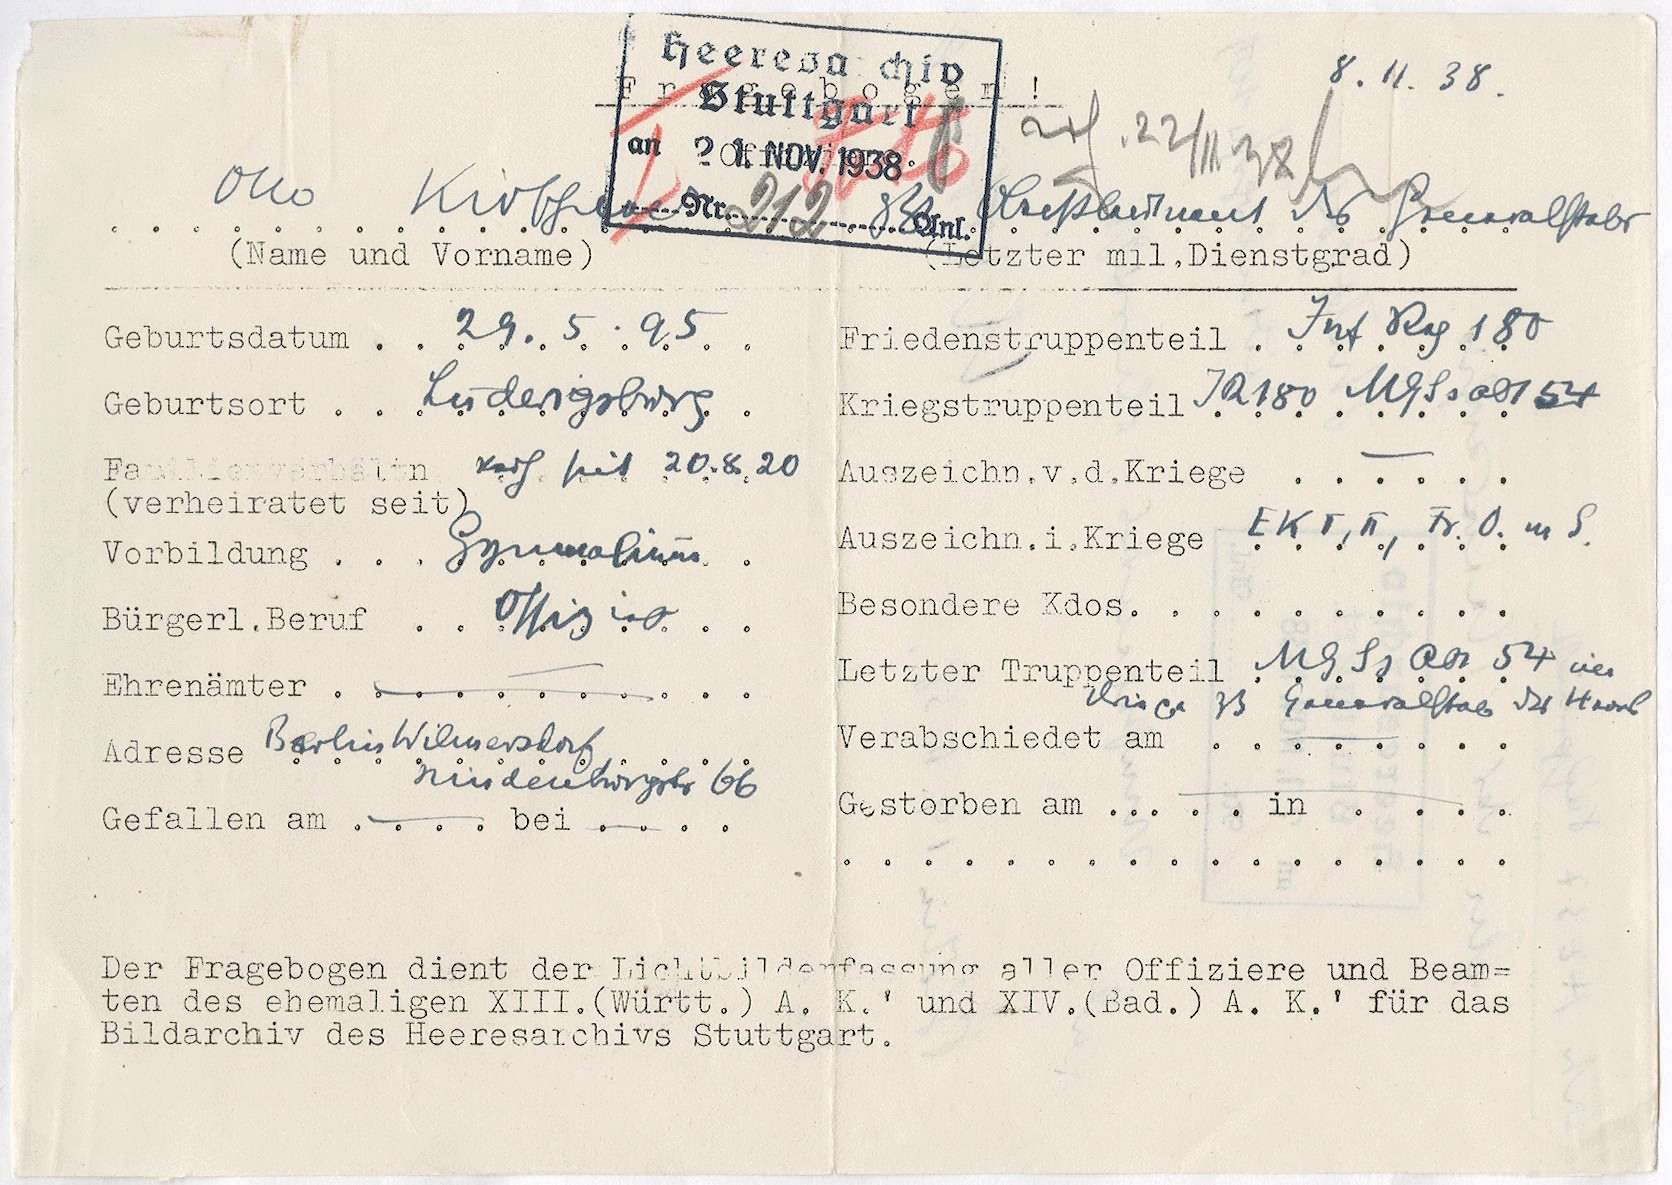 Kirschner, Otto, Bild 2